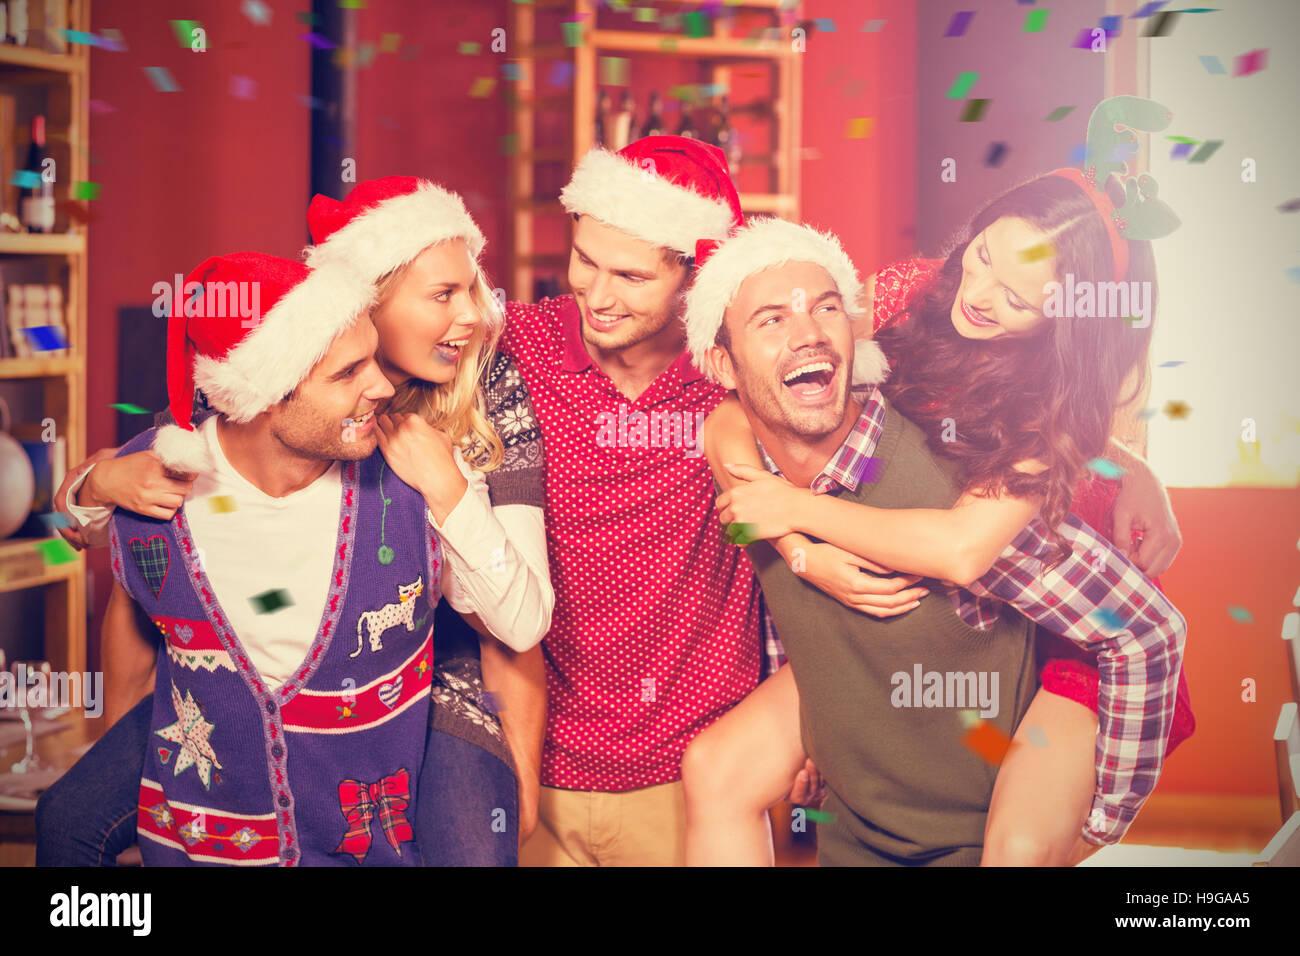 Imagen compuesta de alegre hombres vestidos de navidad vestidos de mujer dando paseos piggyback Imagen De Stock